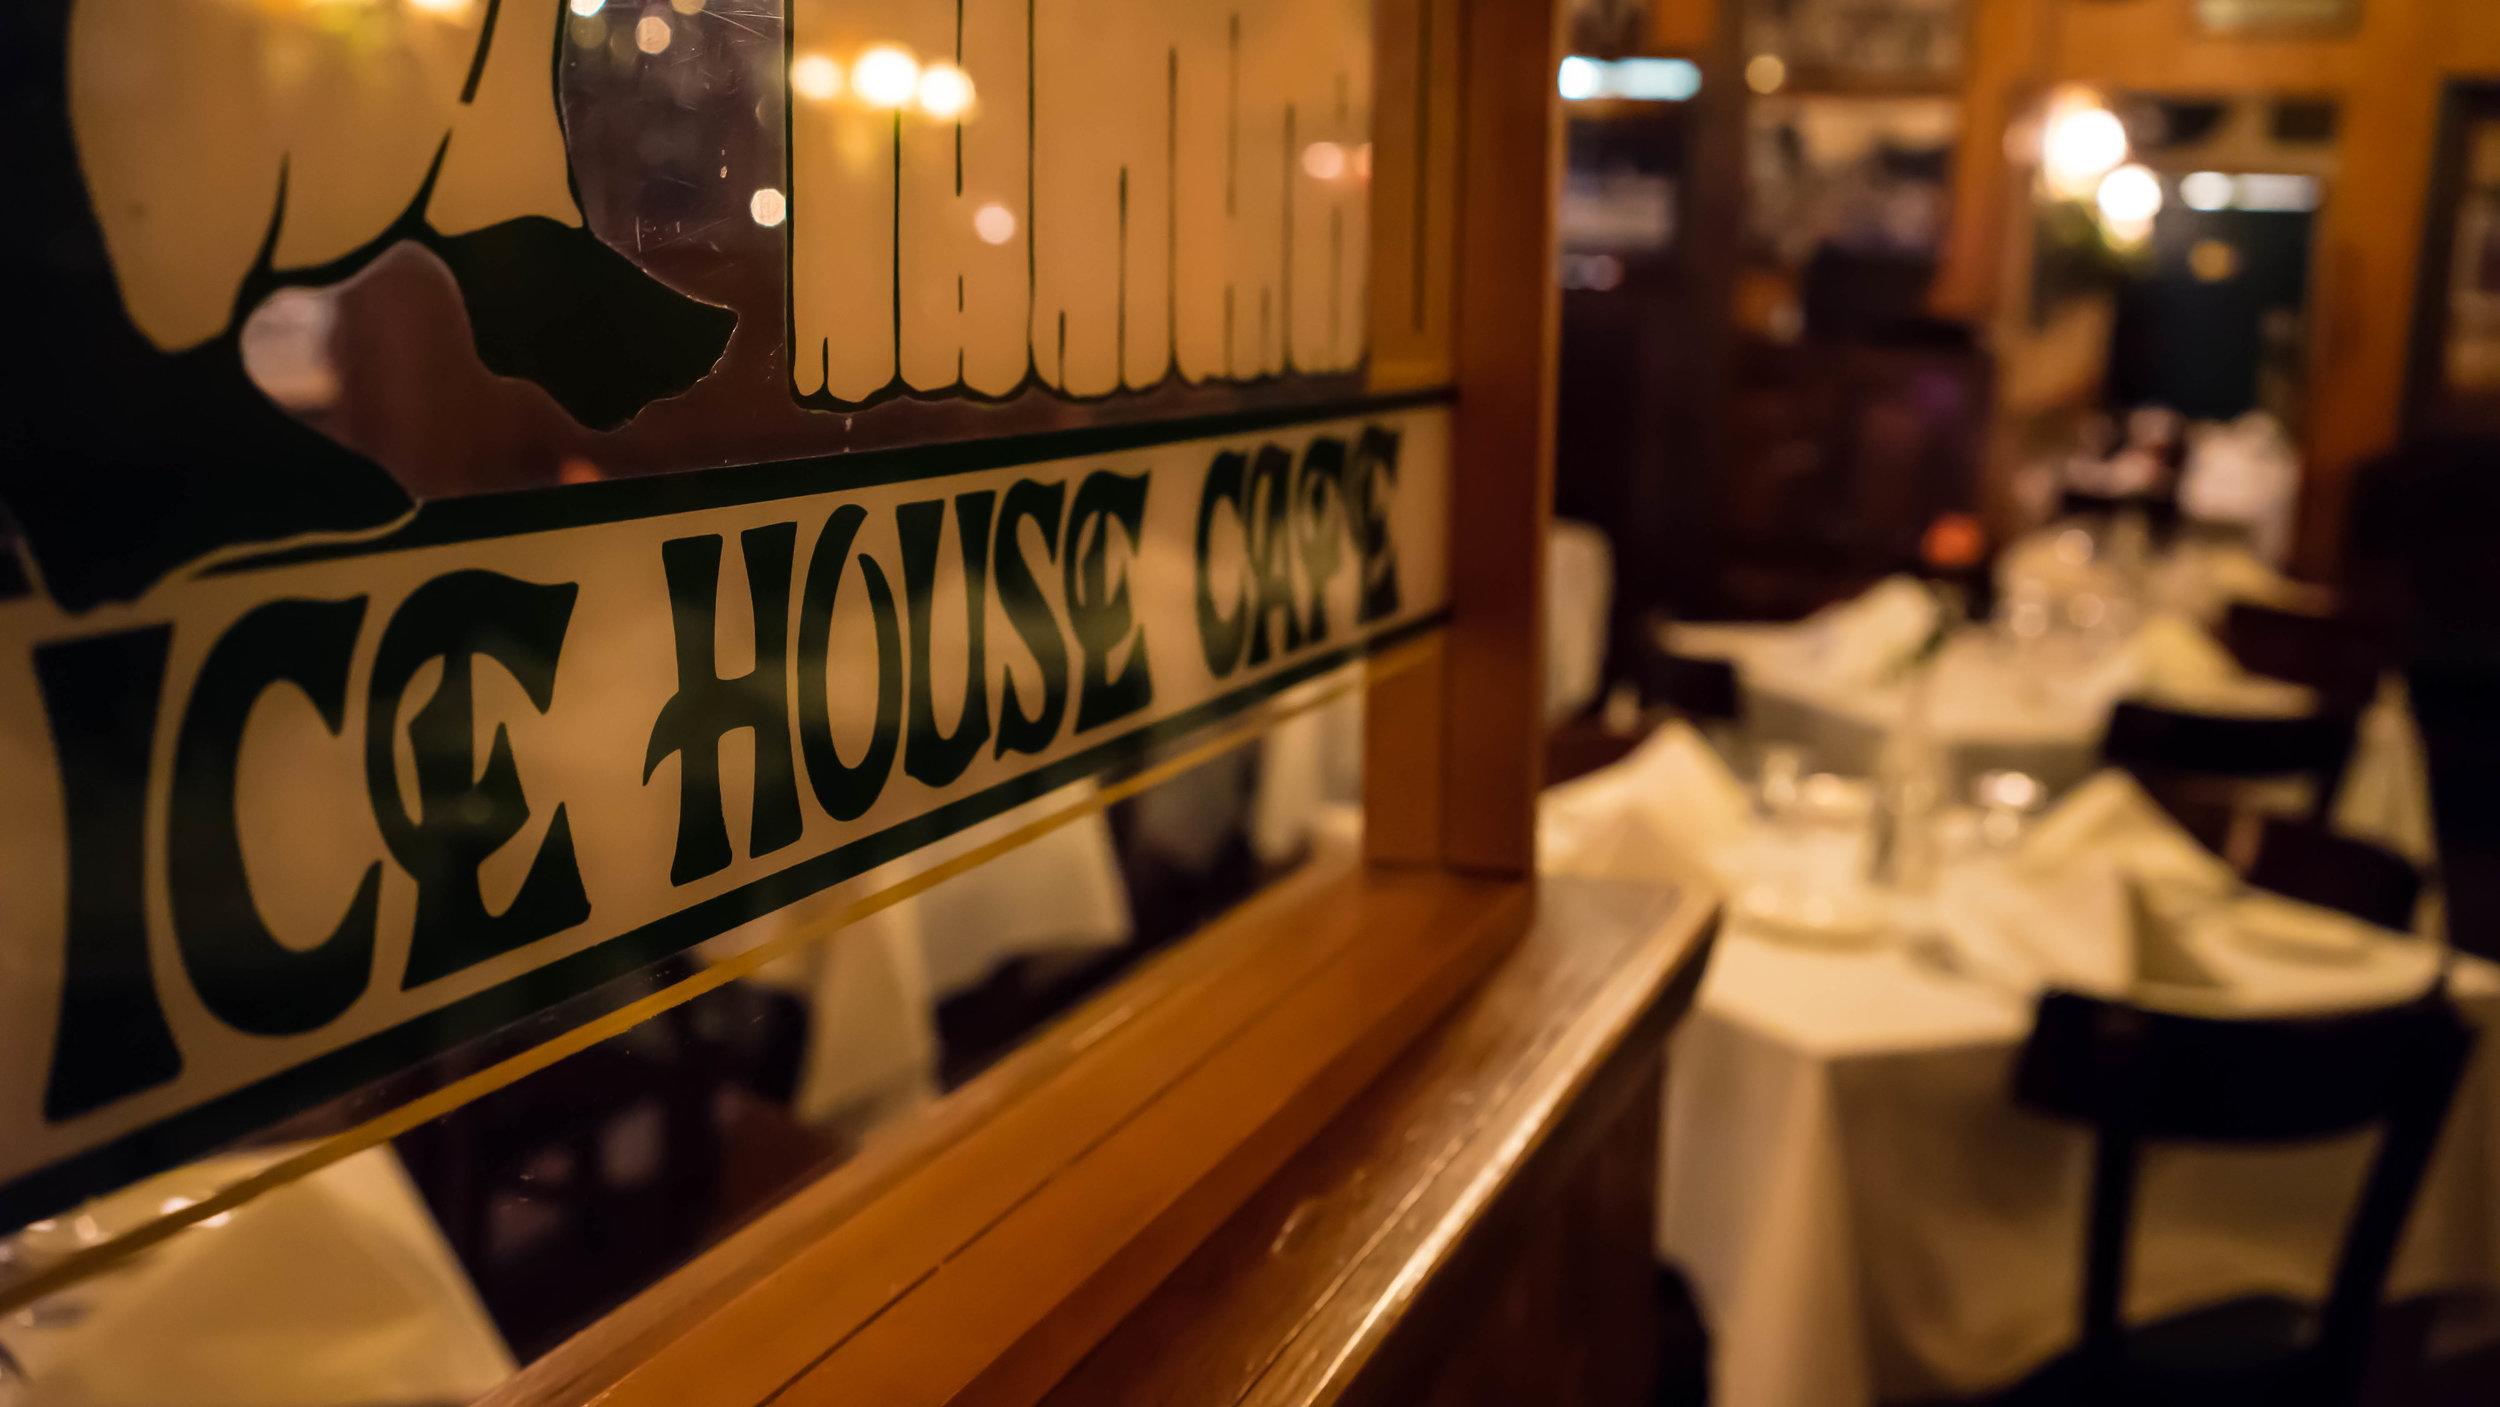 Gallery The Ice House Café